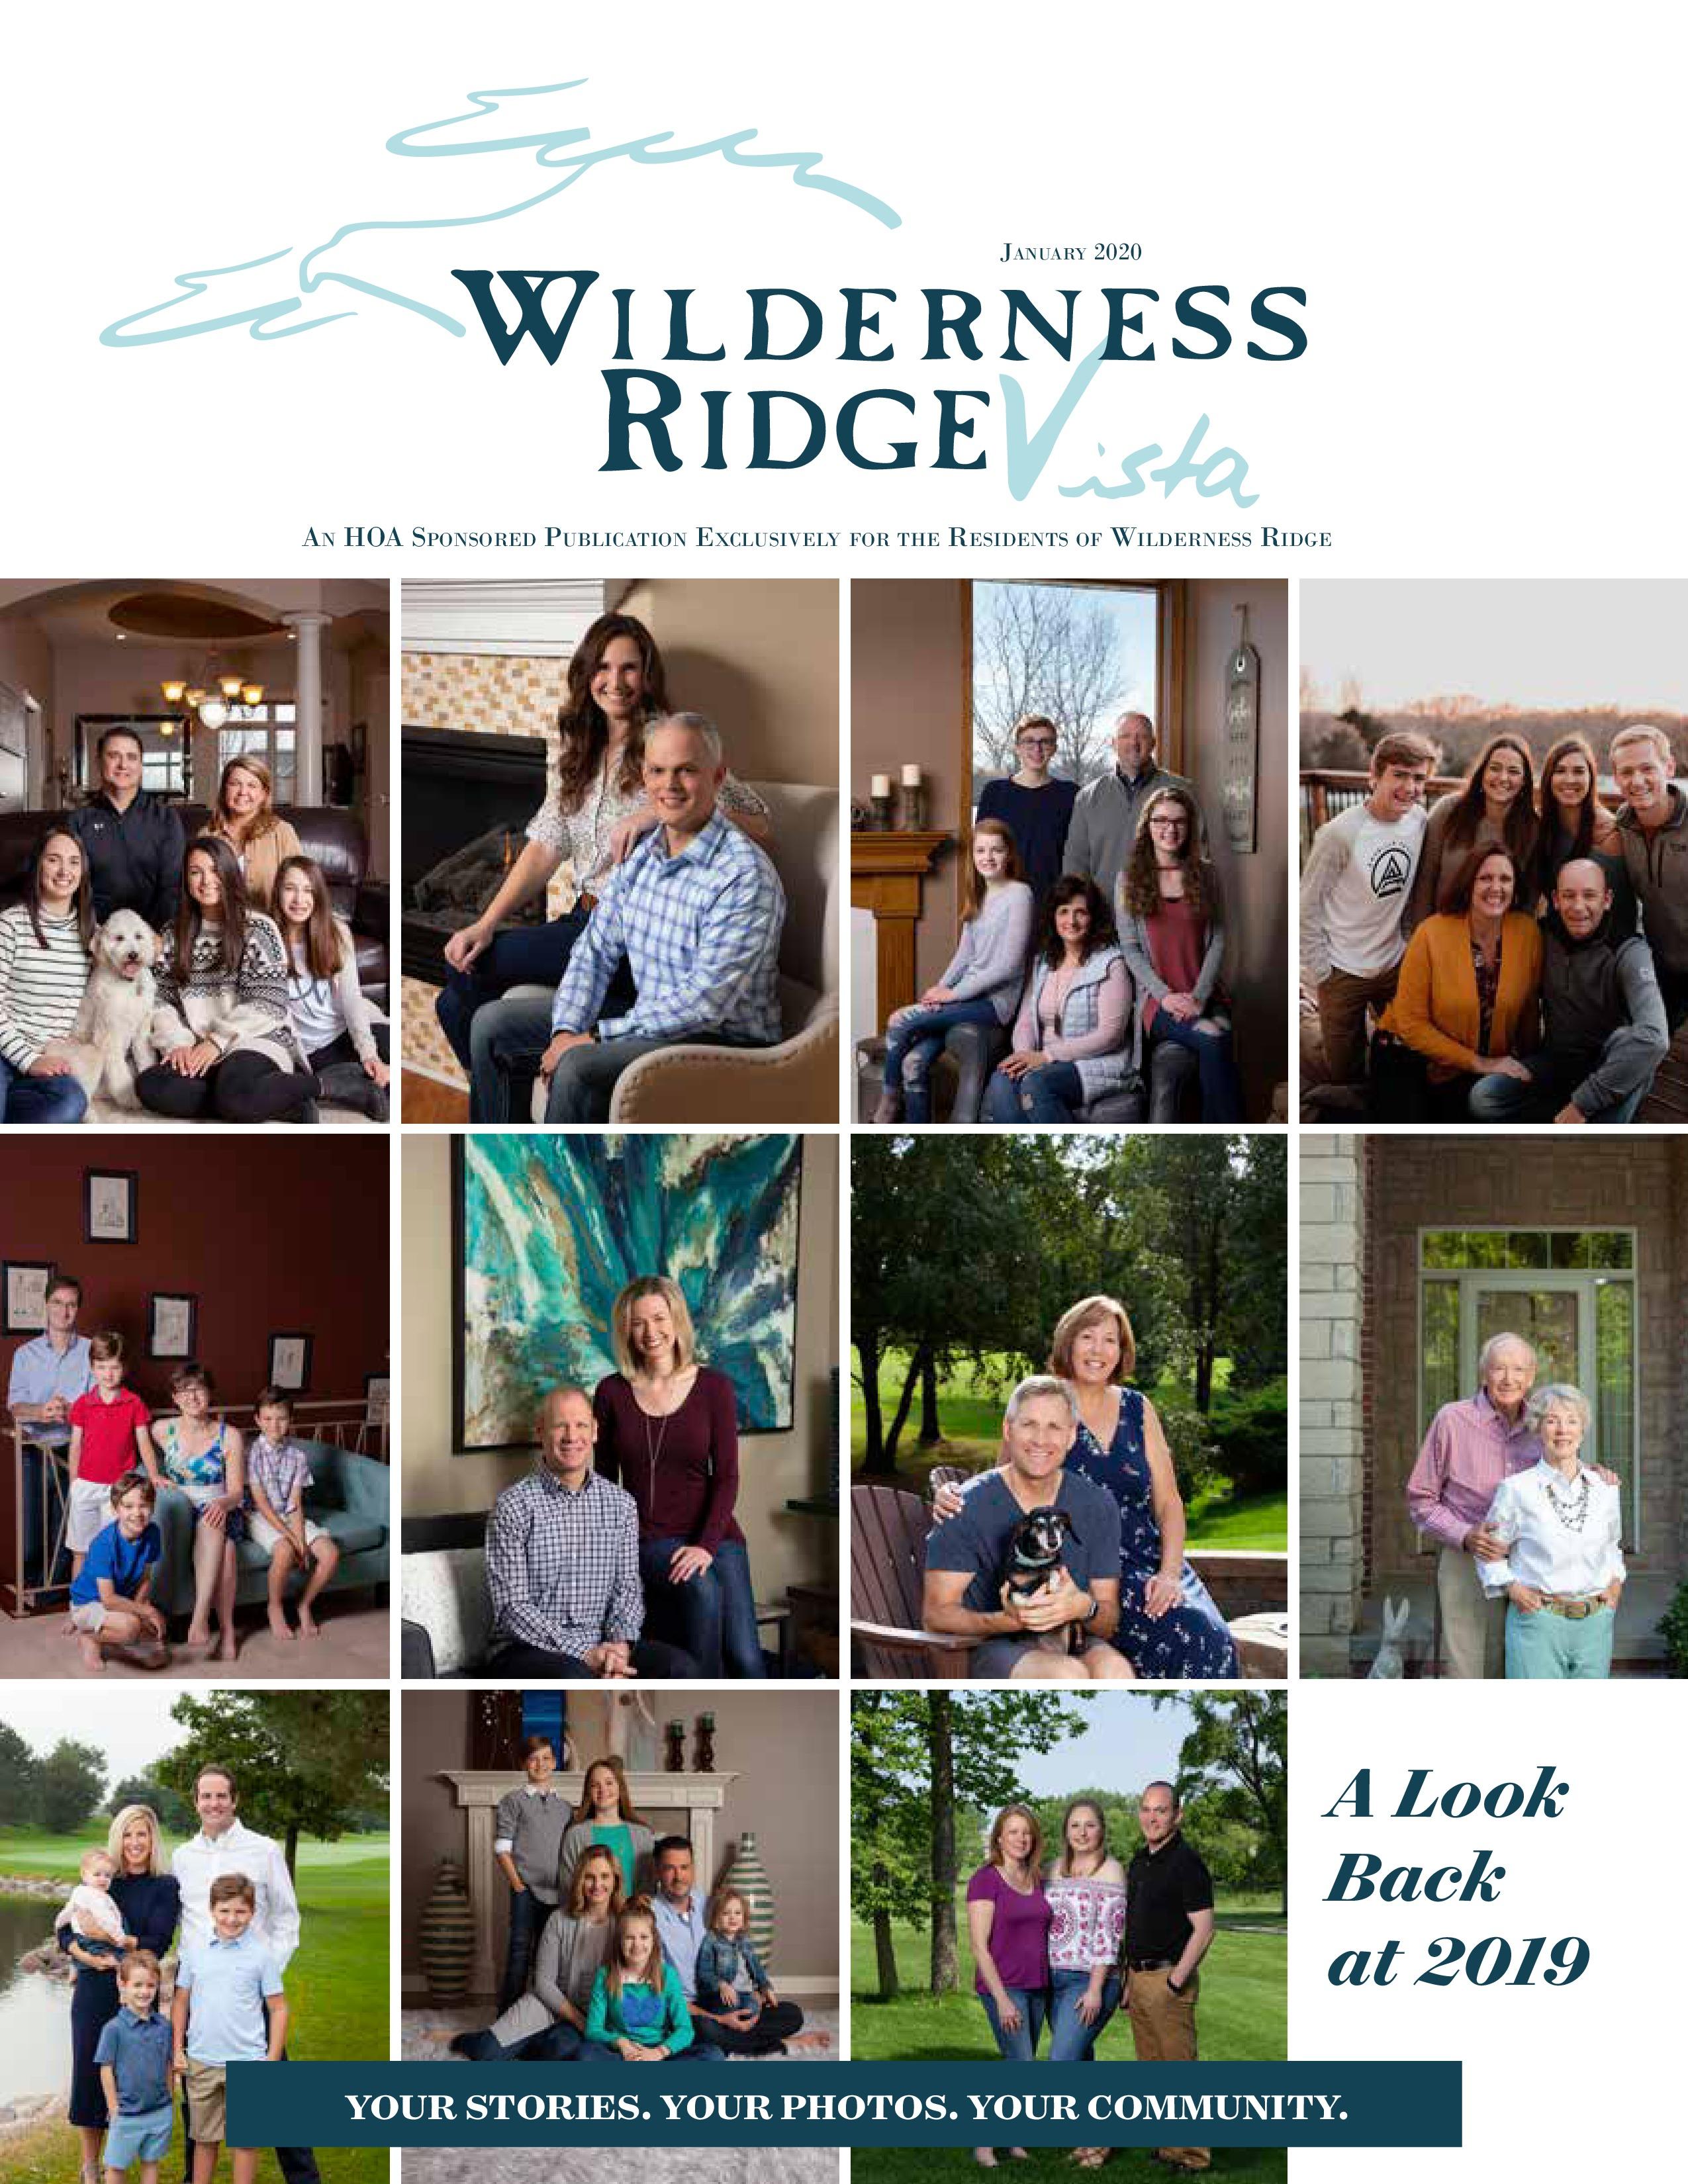 Jan 2020 wilderness ridge vista page 1